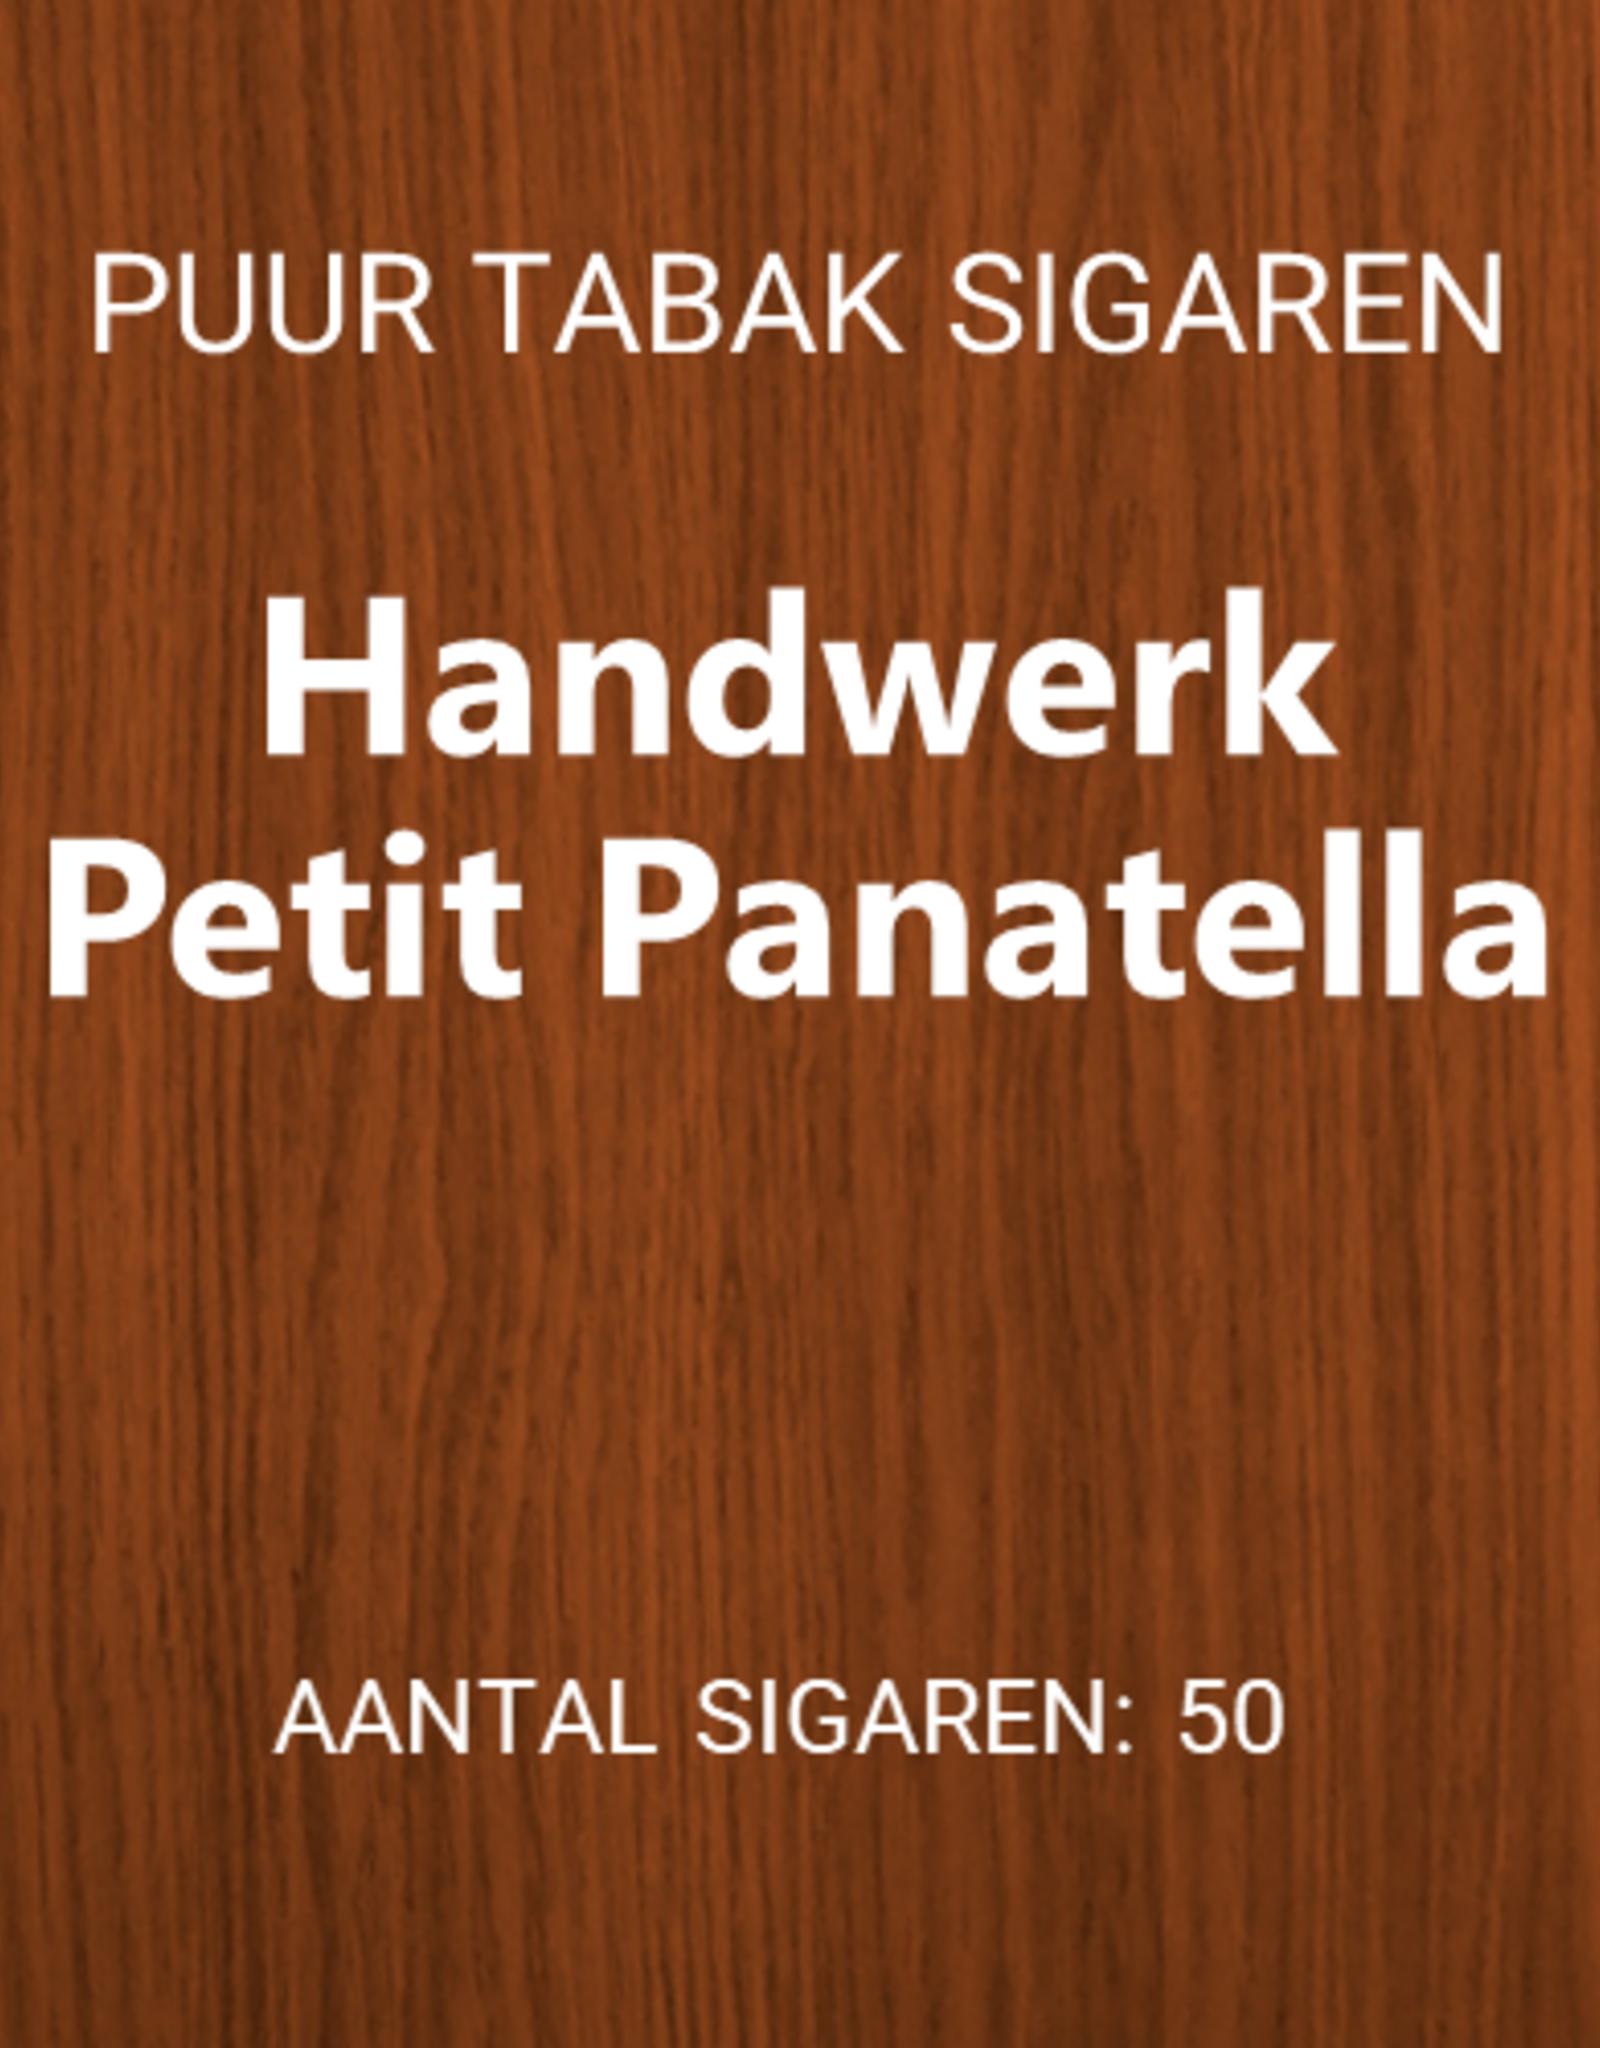 Handwerk Petit Panatella